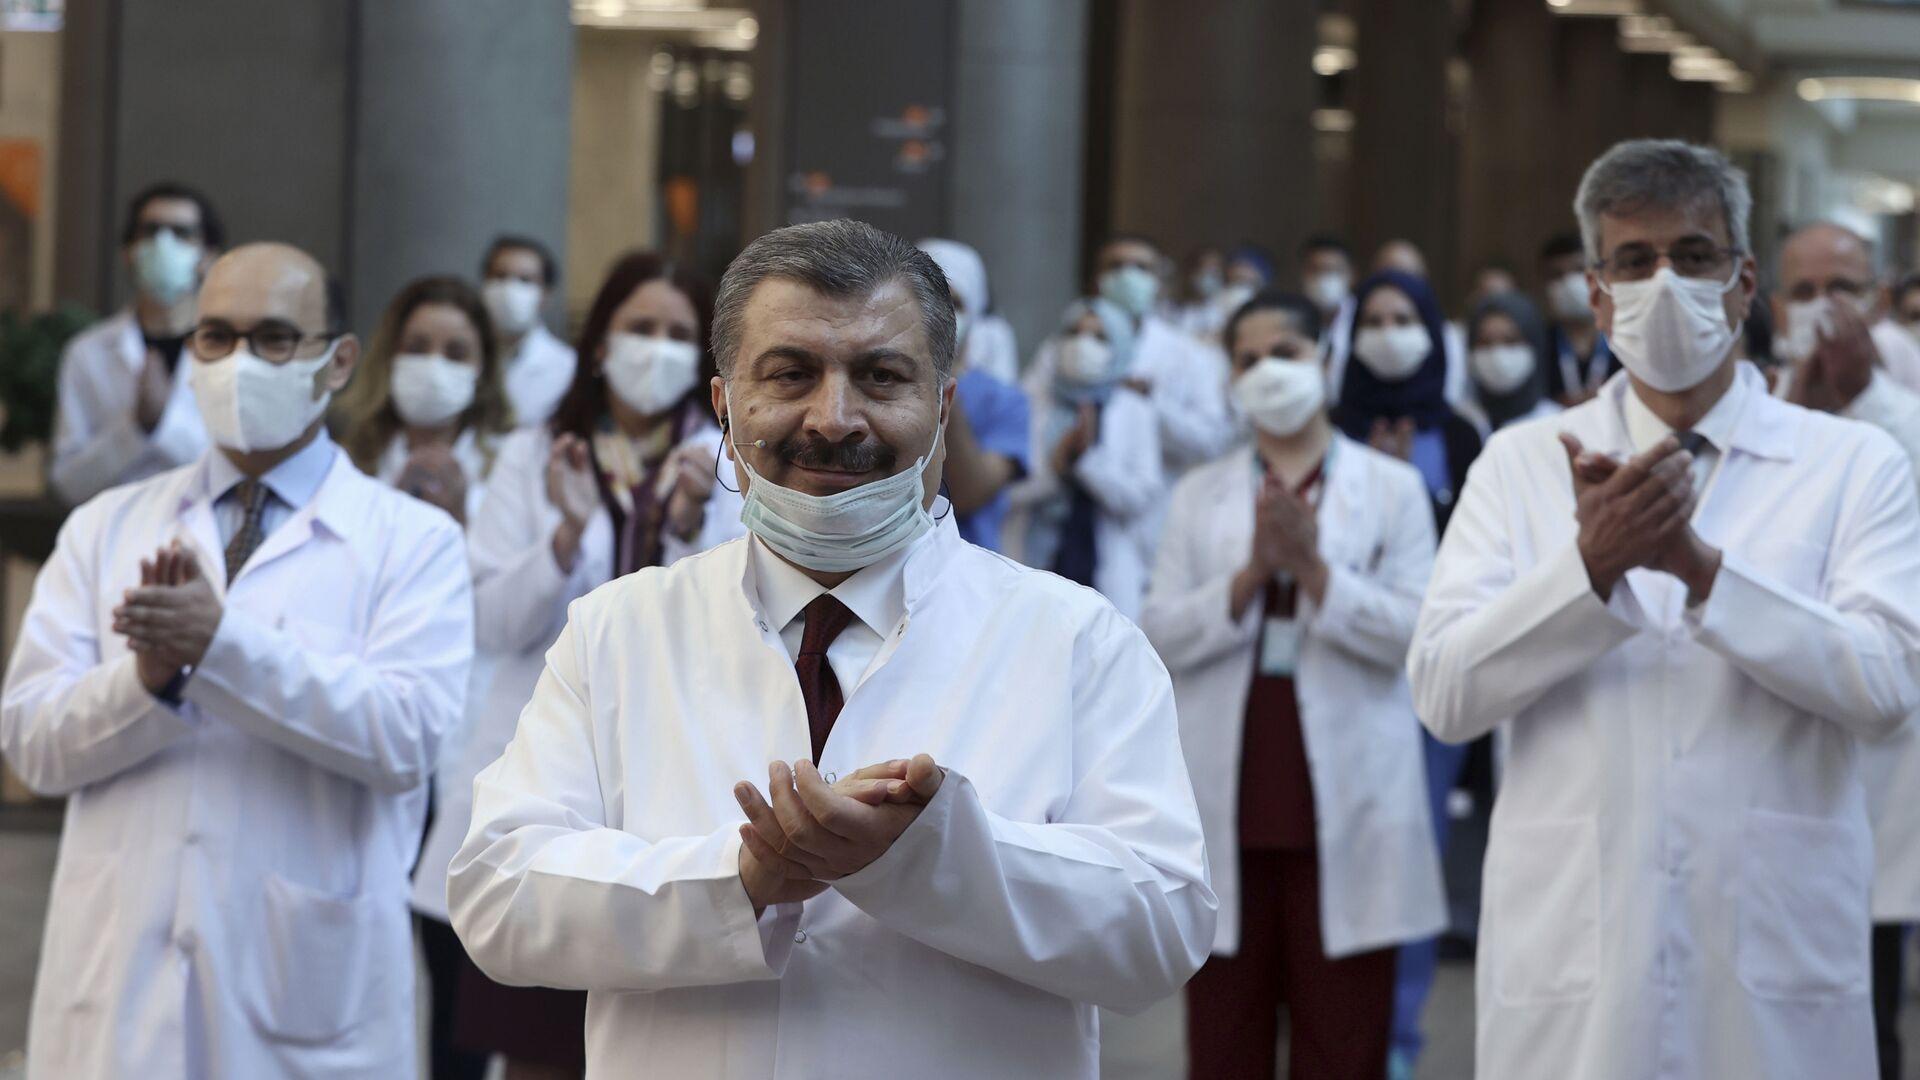 El ministro de Sanidad turco, Fahrettin Koca, durante la ceremonia de inauguración de lo que será el hospital más grande en Europa - Sputnik Mundo, 1920, 25.03.2021